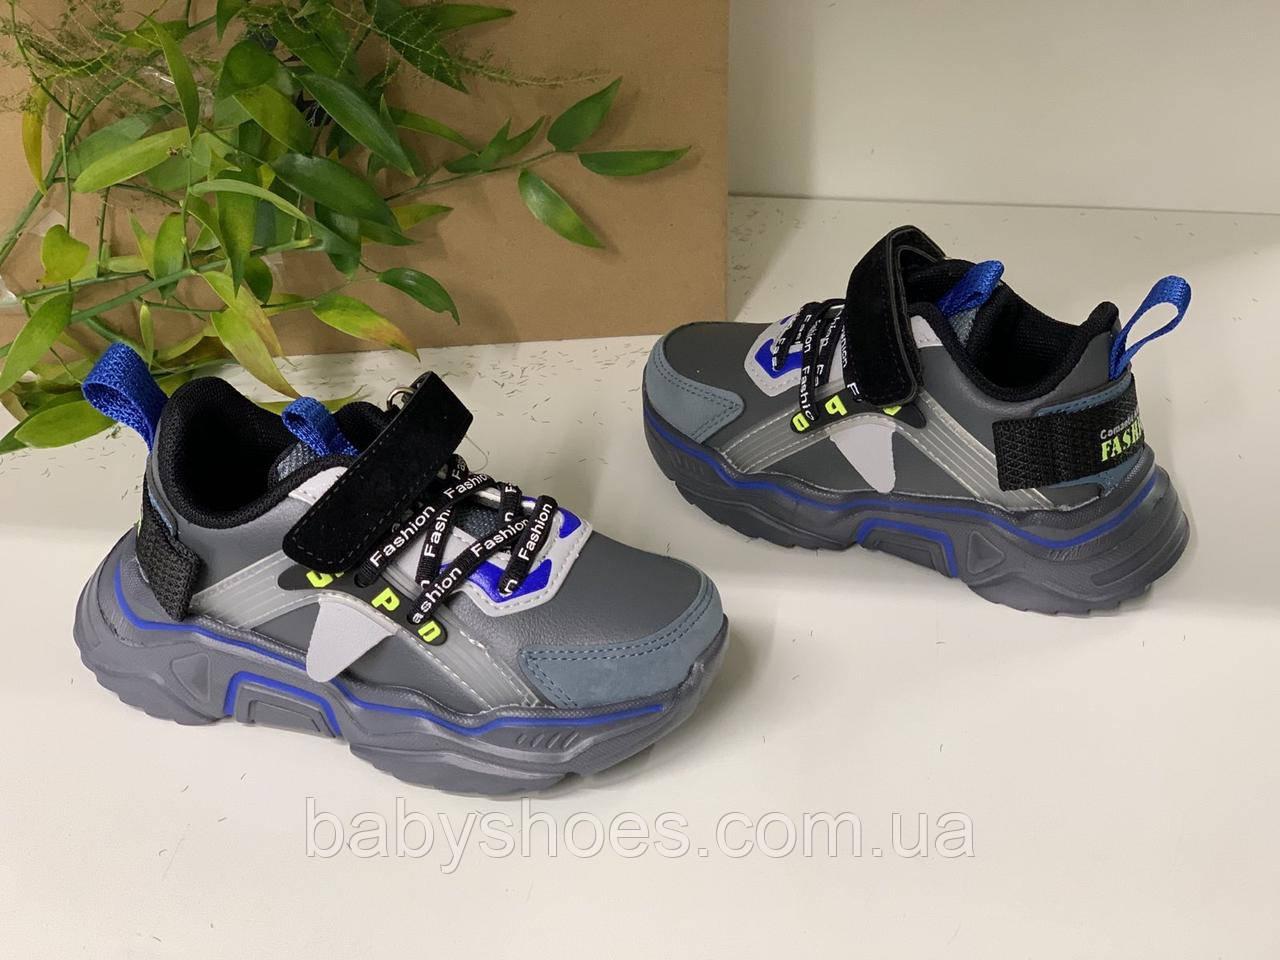 Кроссовки для мальчика СВТ.Т р.26-31 КМ-605